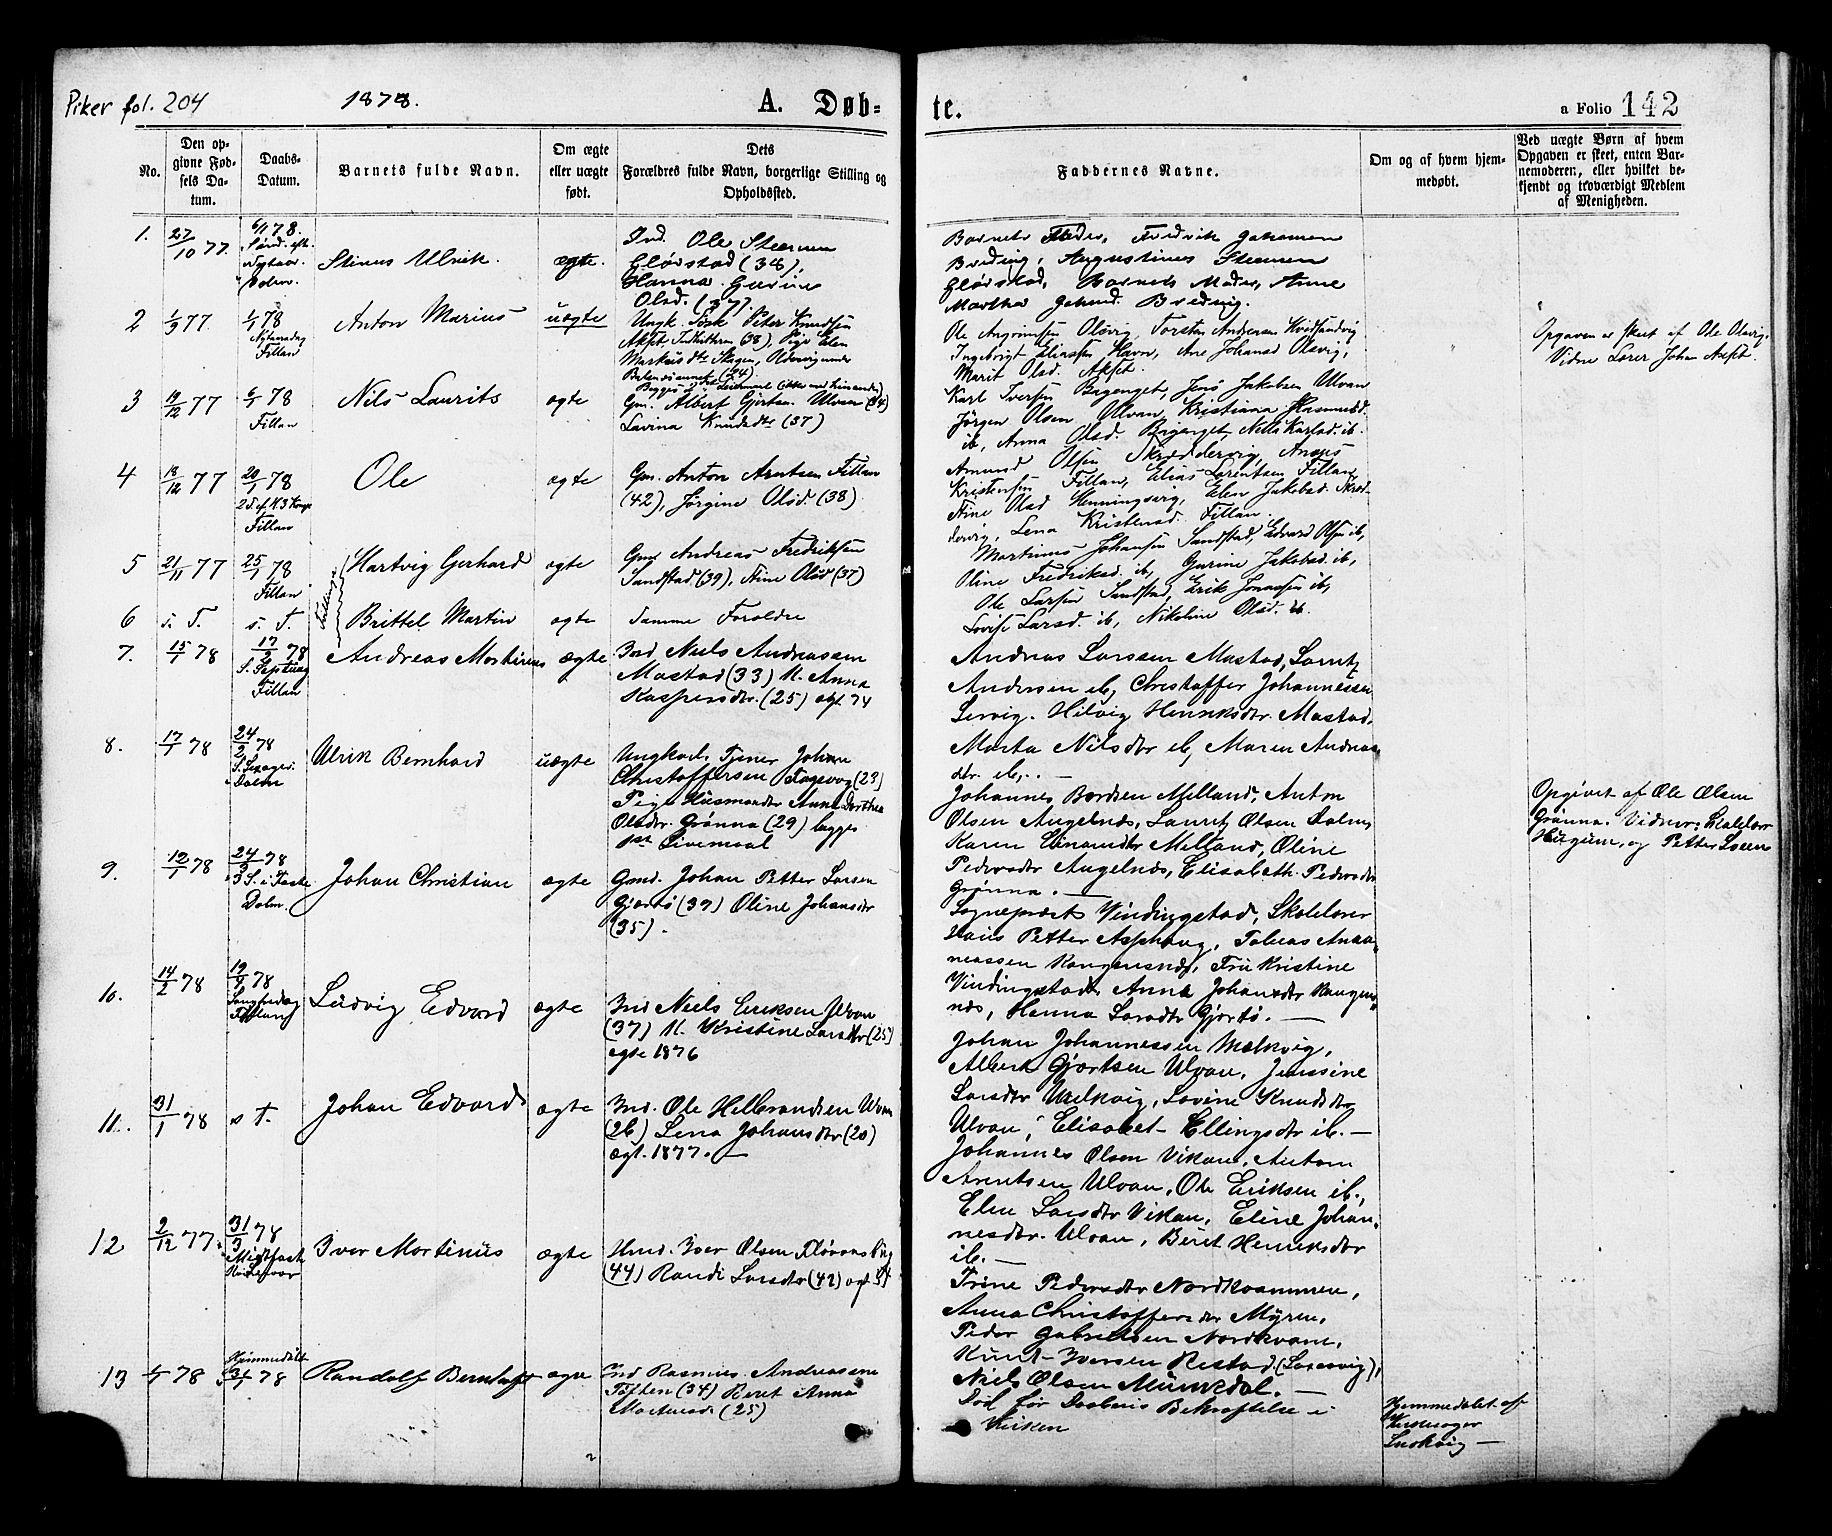 SAT, Ministerialprotokoller, klokkerbøker og fødselsregistre - Sør-Trøndelag, 634/L0532: Ministerialbok nr. 634A08, 1871-1881, s. 142